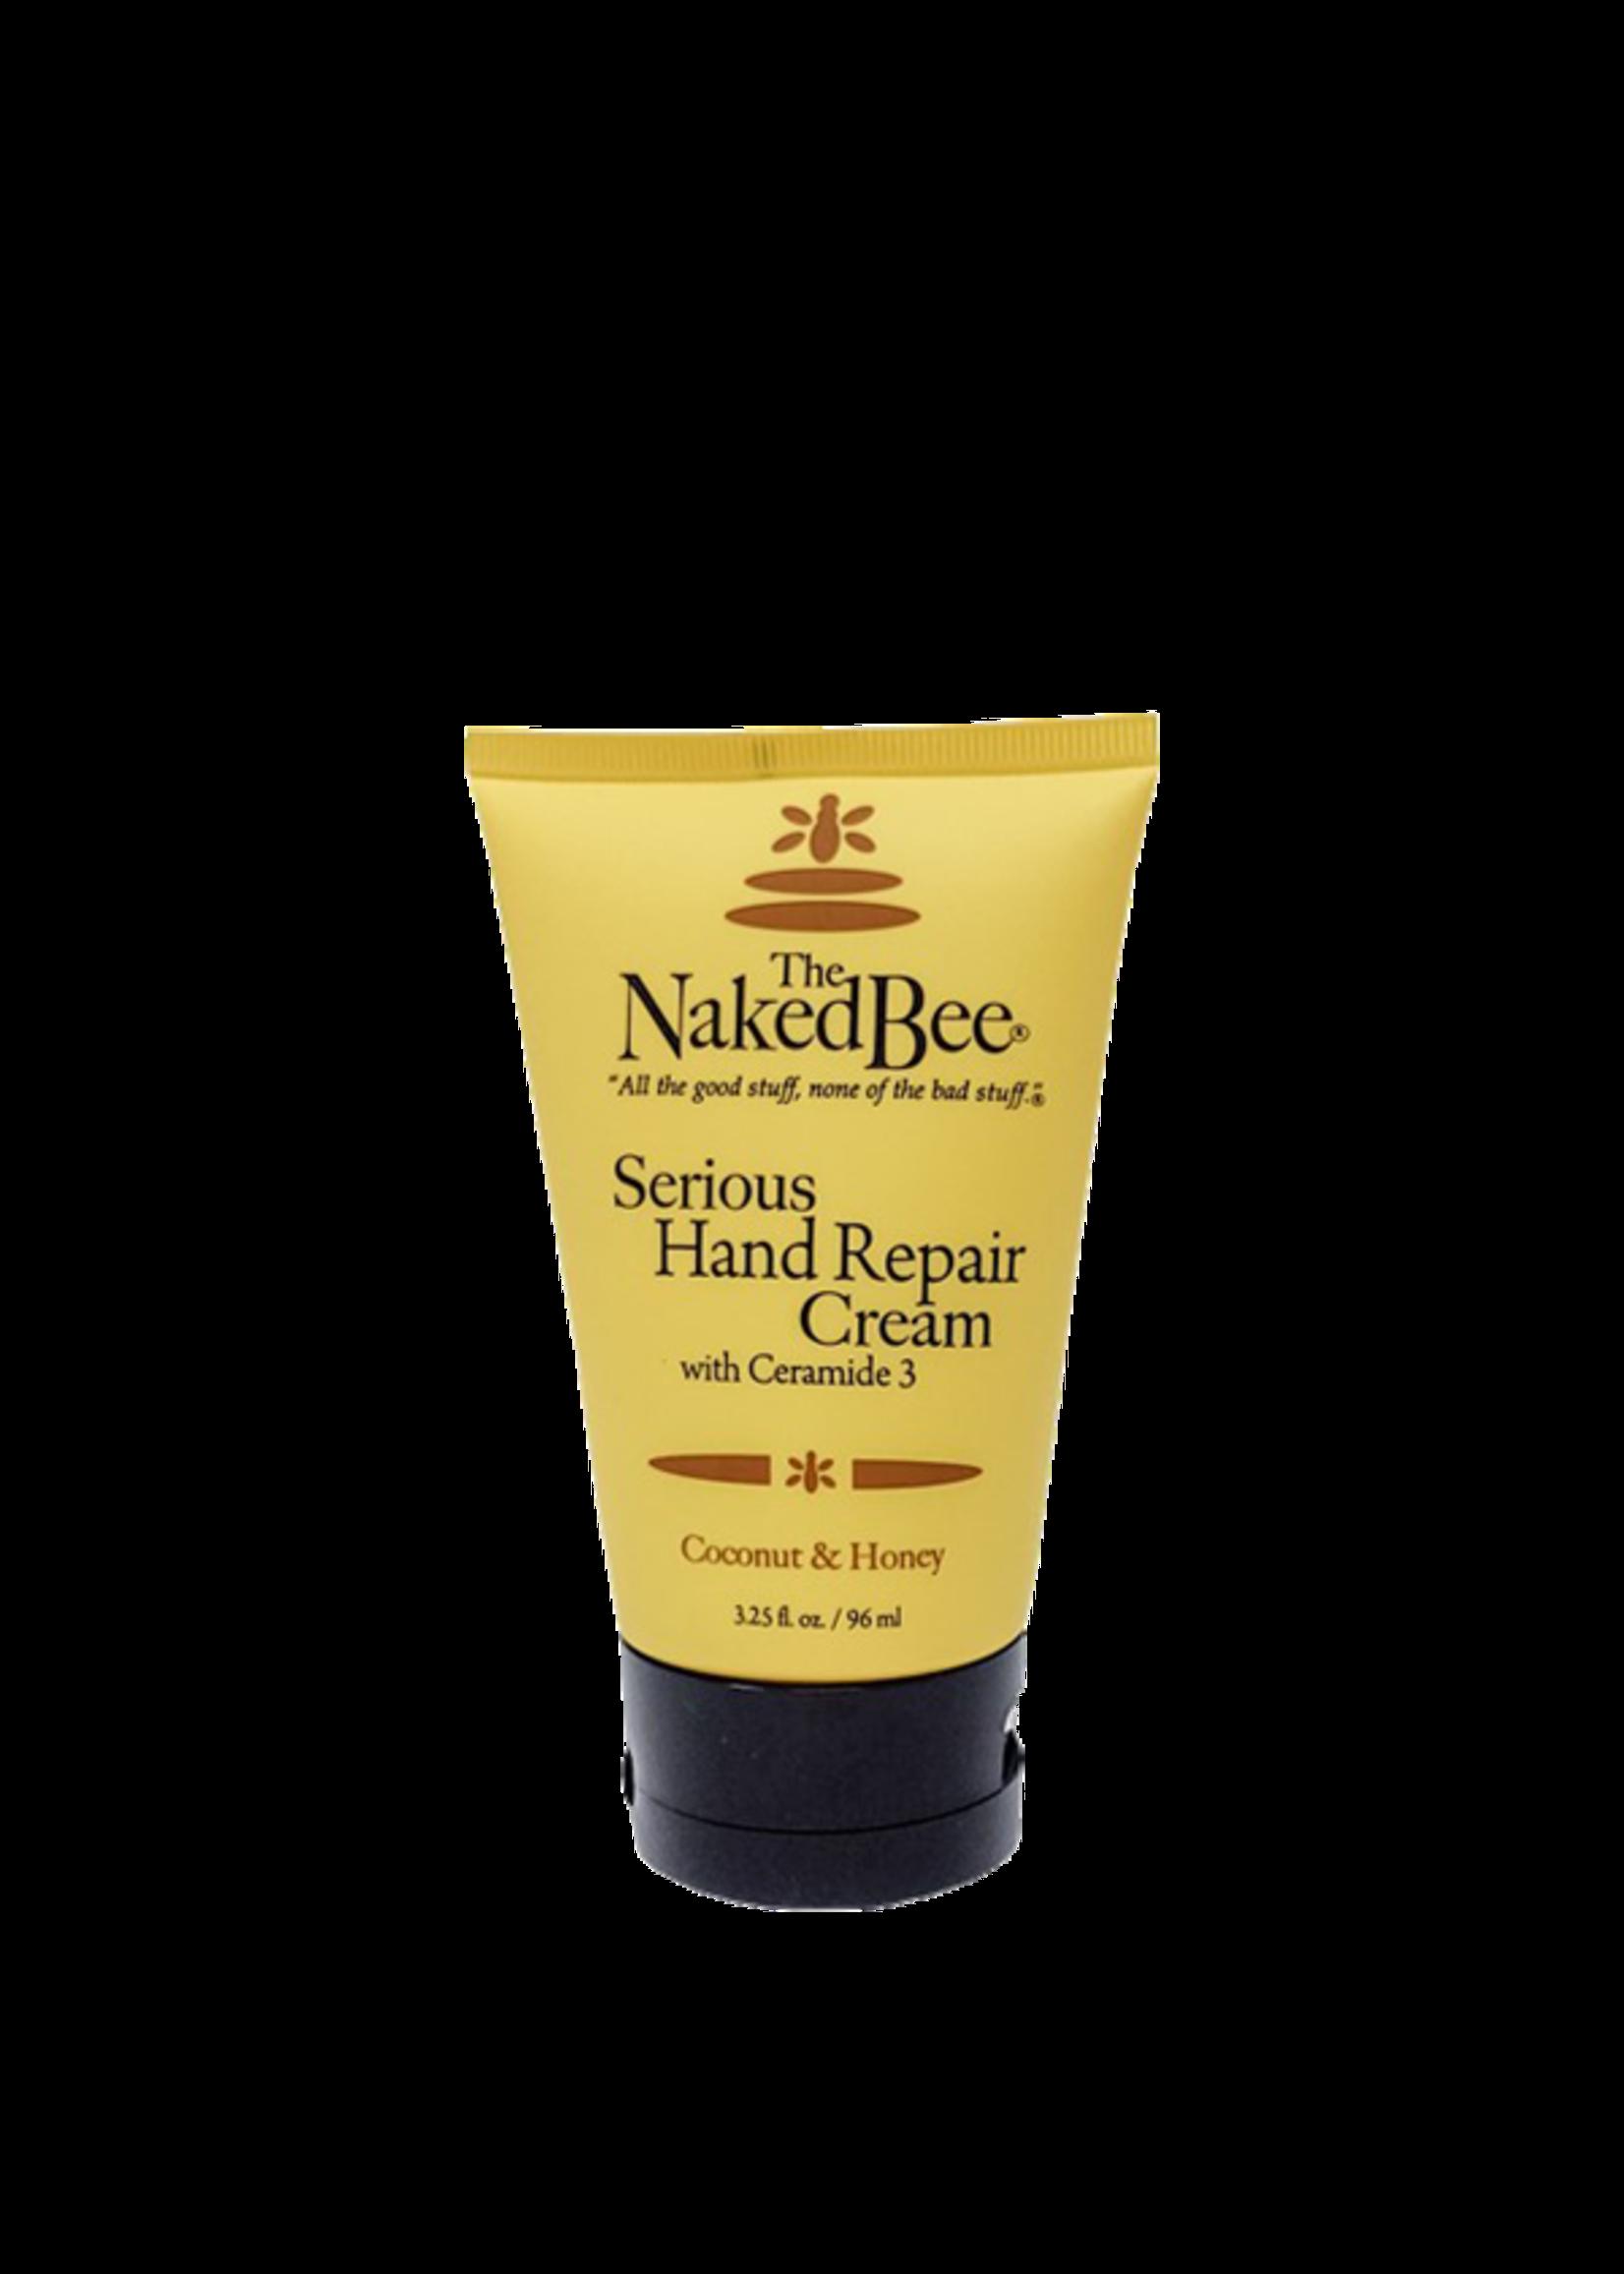 Coconut and Honey Hand Repair Cream